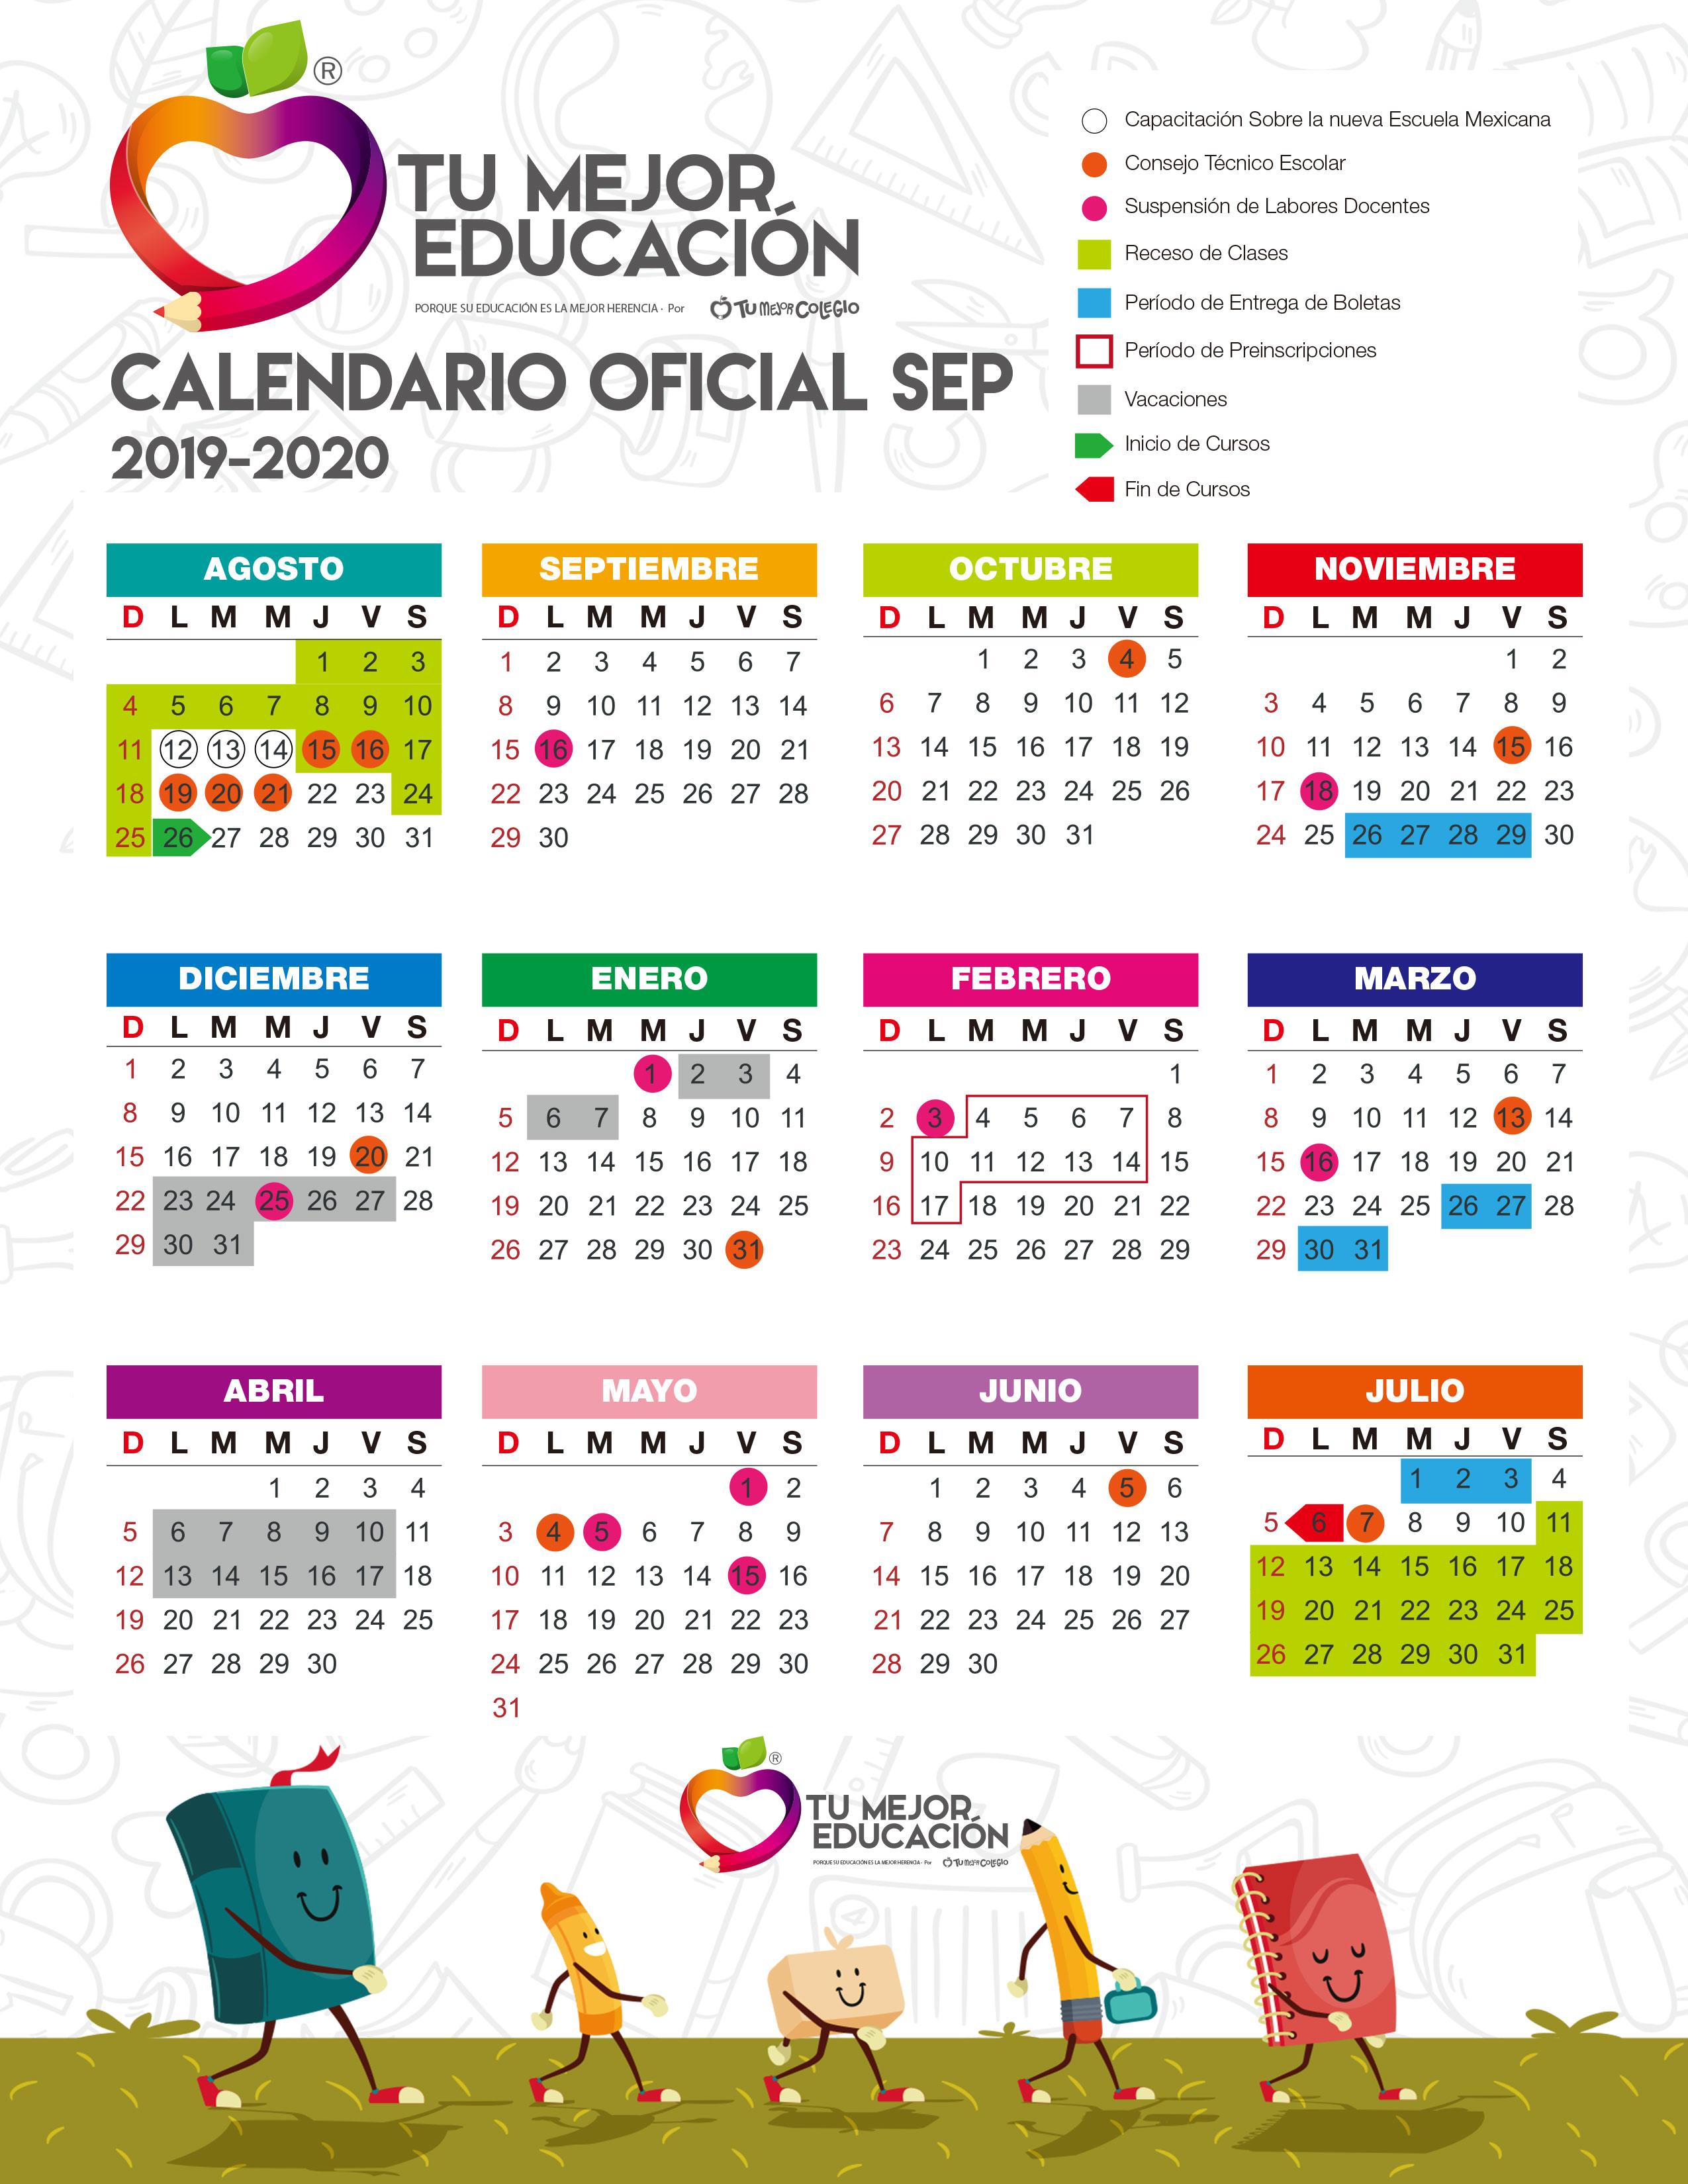 Calendario Escolar 2020 Sep Oficial.Calendario Escolar 2019 2020